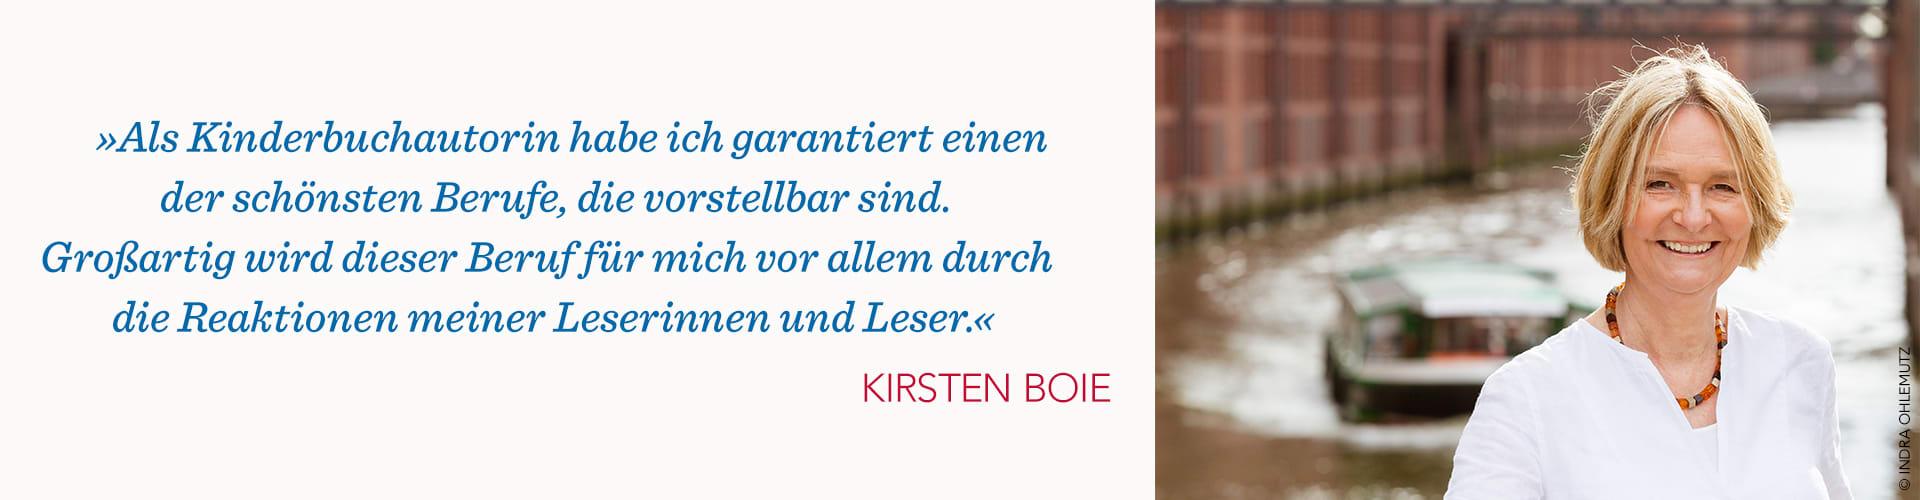 Kirsten Boie Portrait und Zitat